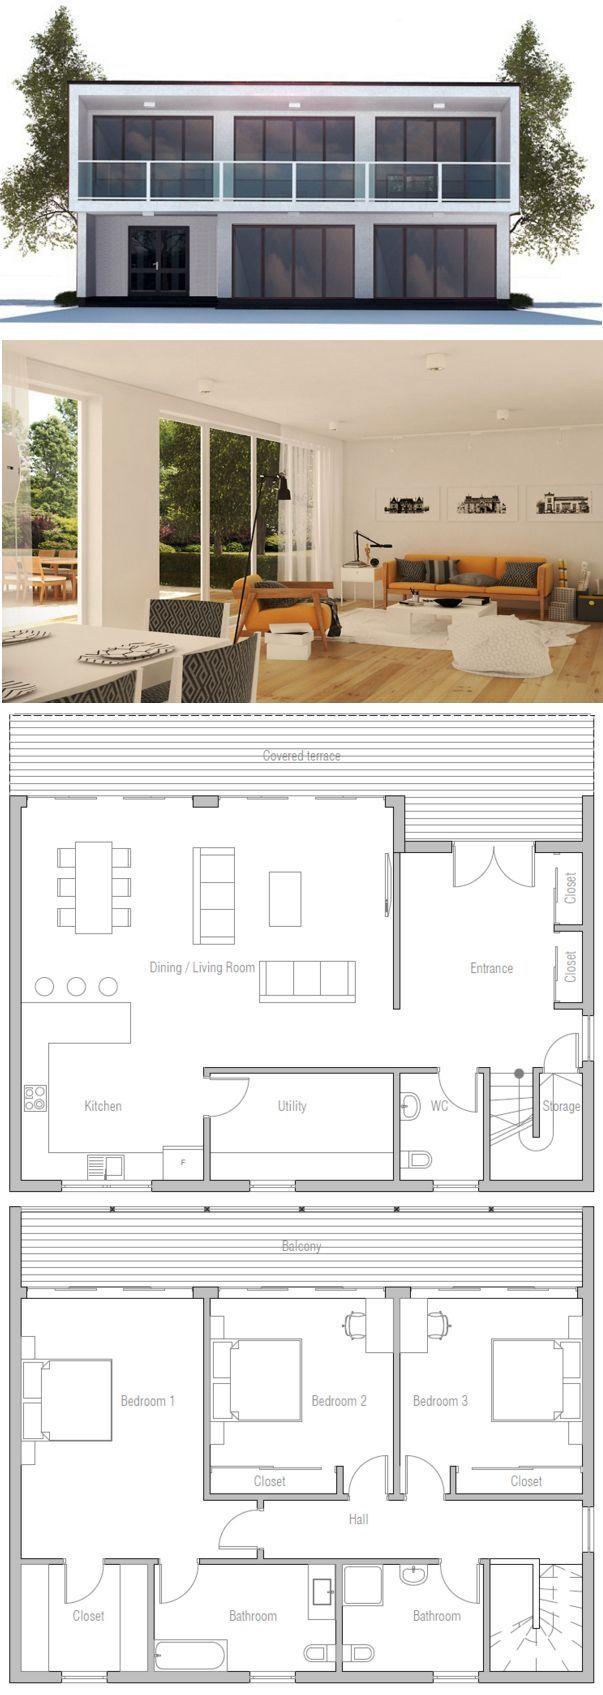 Charming Haus Architektur, Innen Außen, Häuschen Grundrisse, Kleines Häuschen, Haus  Ideen, Geplant, Hausbau, Aussen, Zukunft